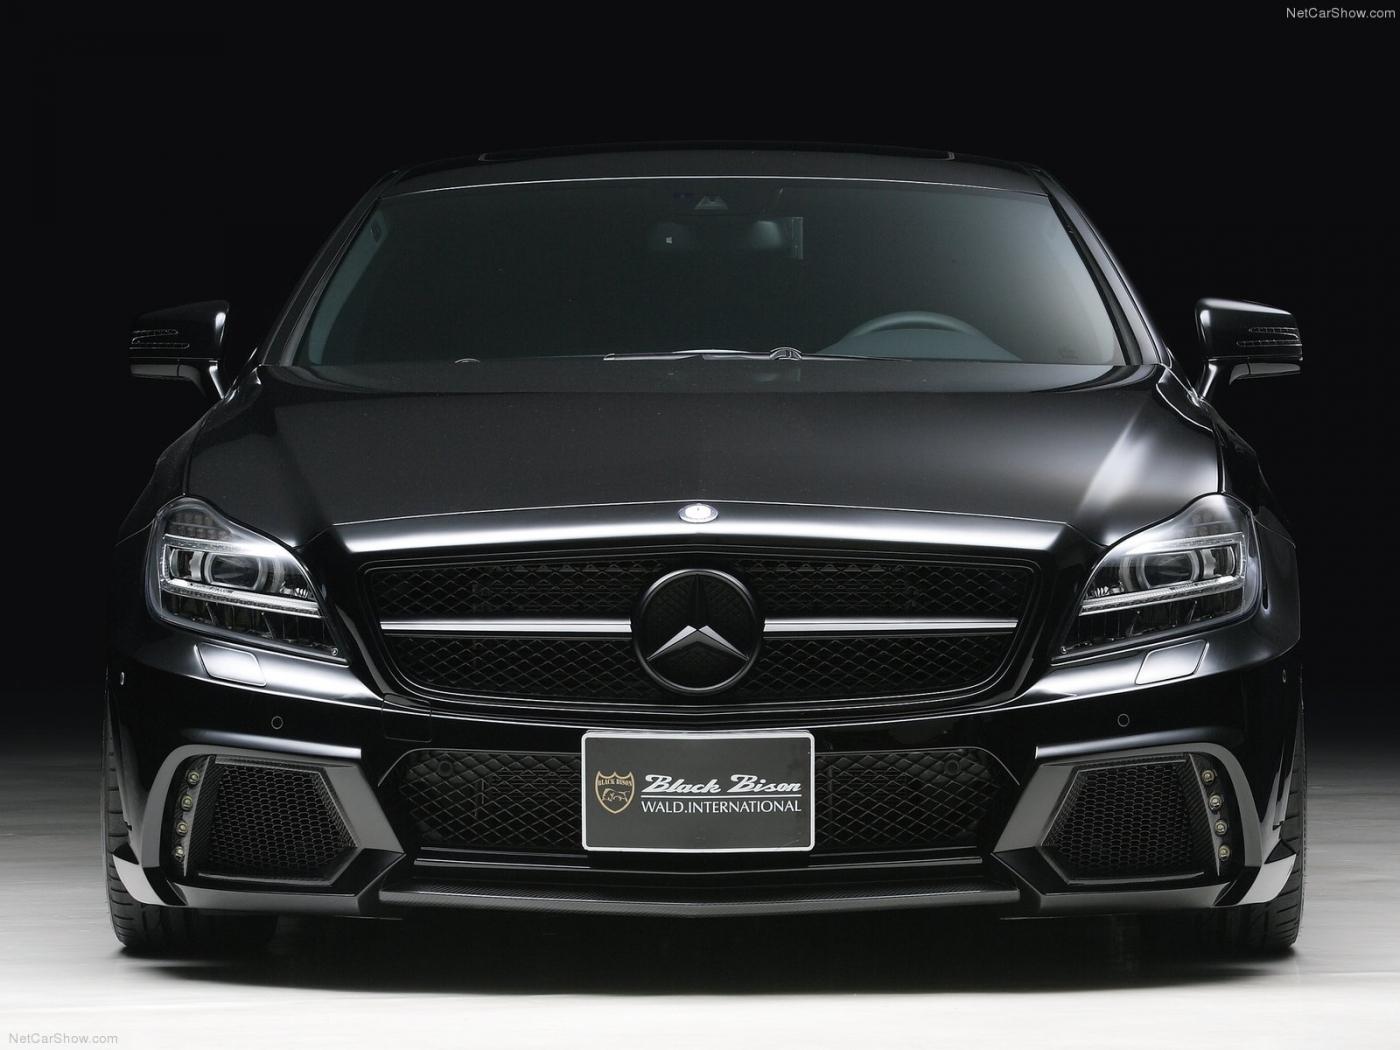 49489 скачать обои Транспорт, Машины, Мерседес (Mercedes) - заставки и картинки бесплатно